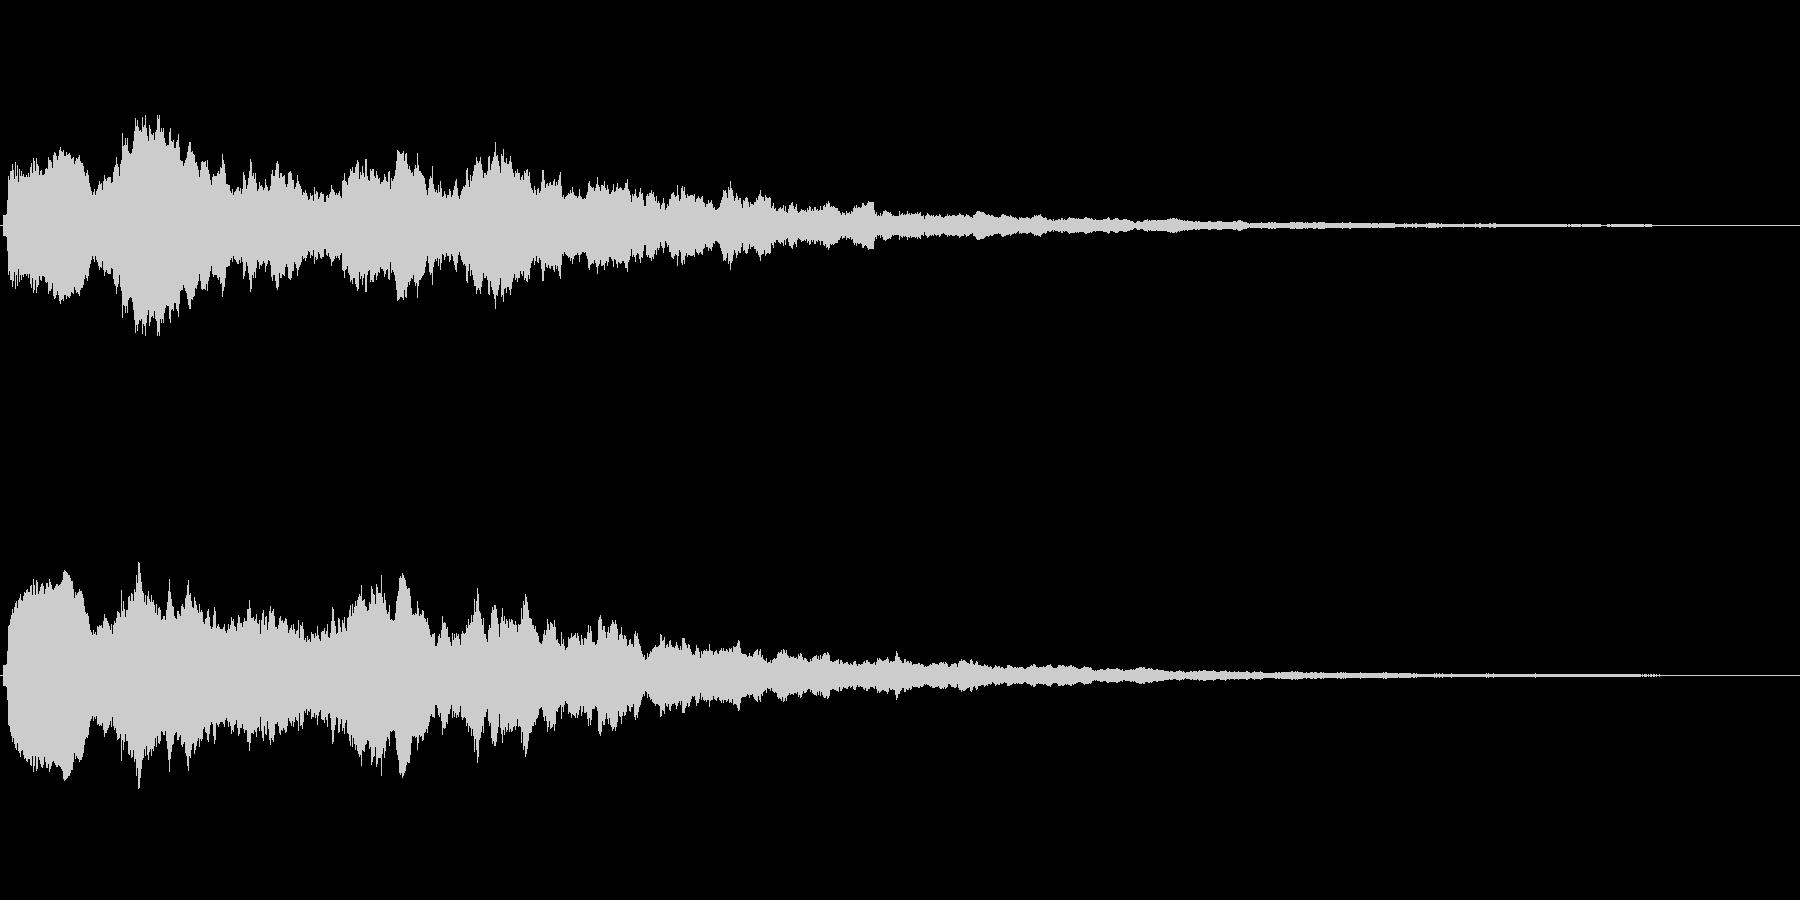 大きなキラキラ系 シンプルなフレーズ音の未再生の波形